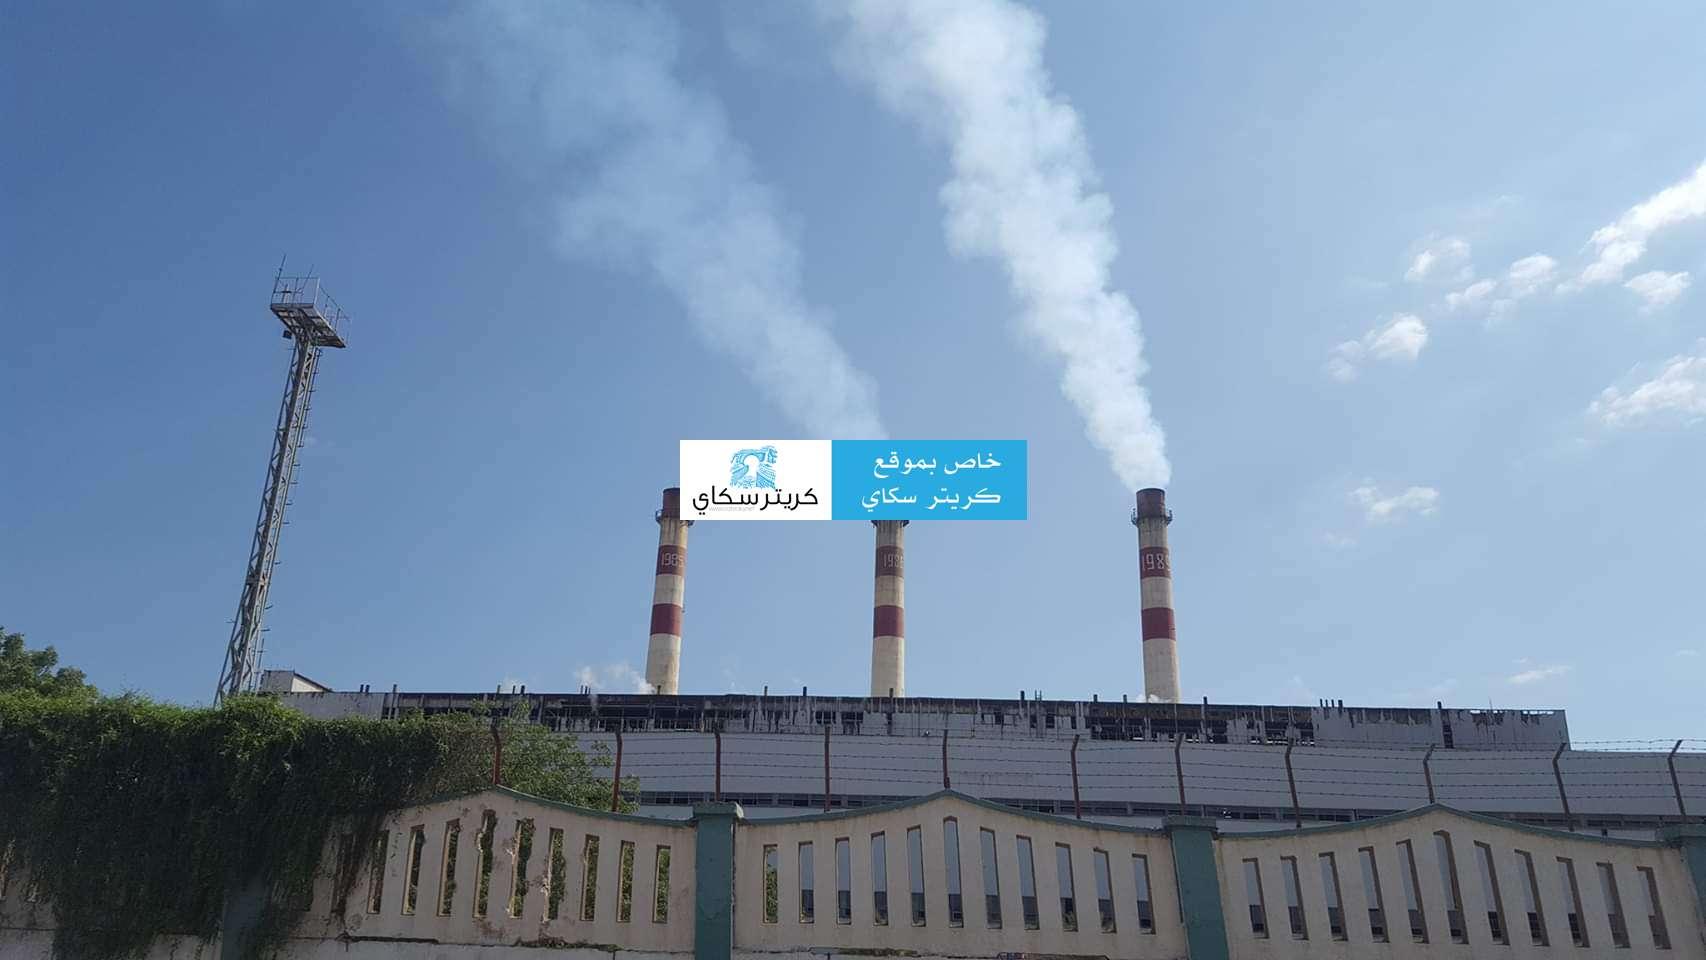 بسبب نفاذ الوقود.. خروج 47 ميجا من محطات كهرباء عدن